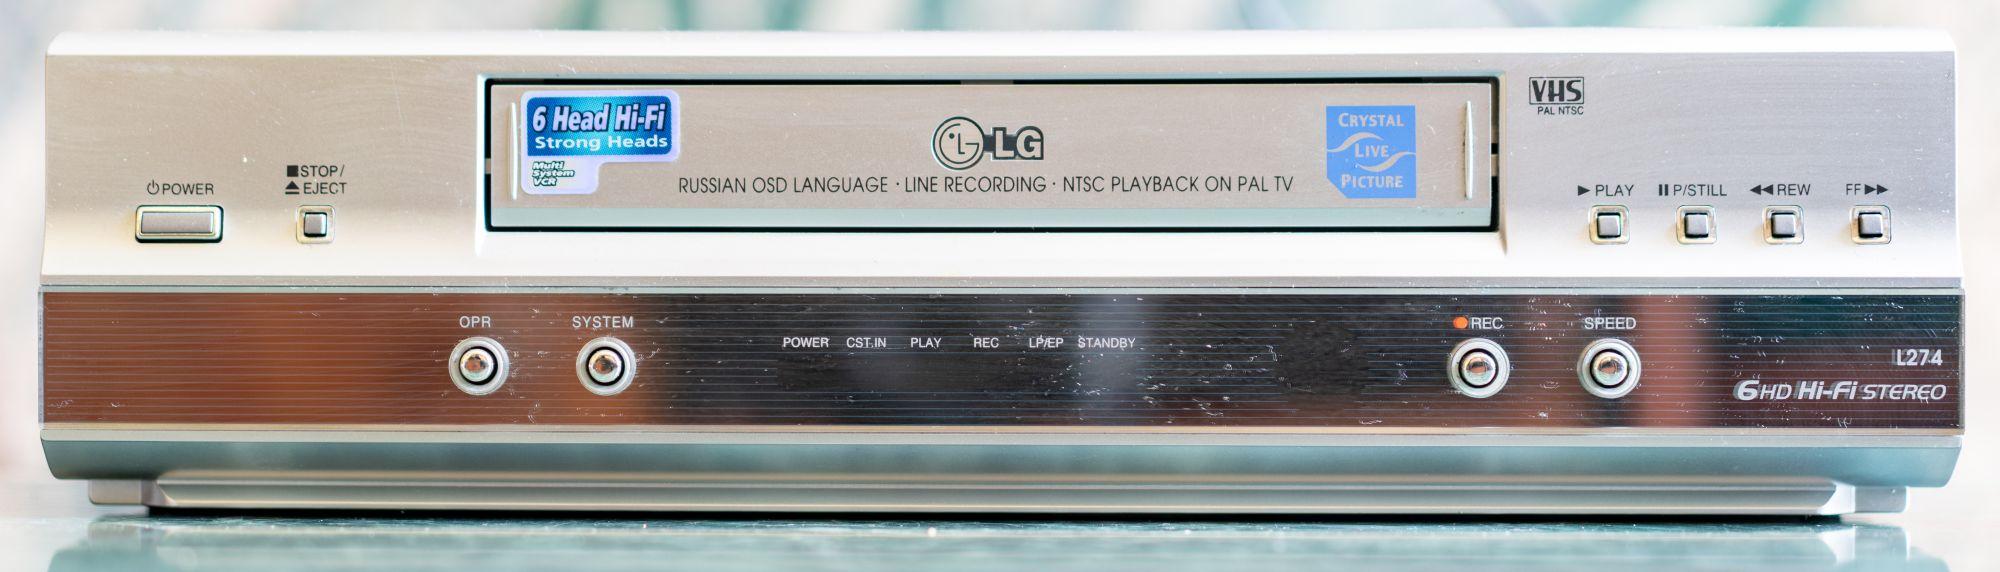 Древности: невероятная видеокассета - 6